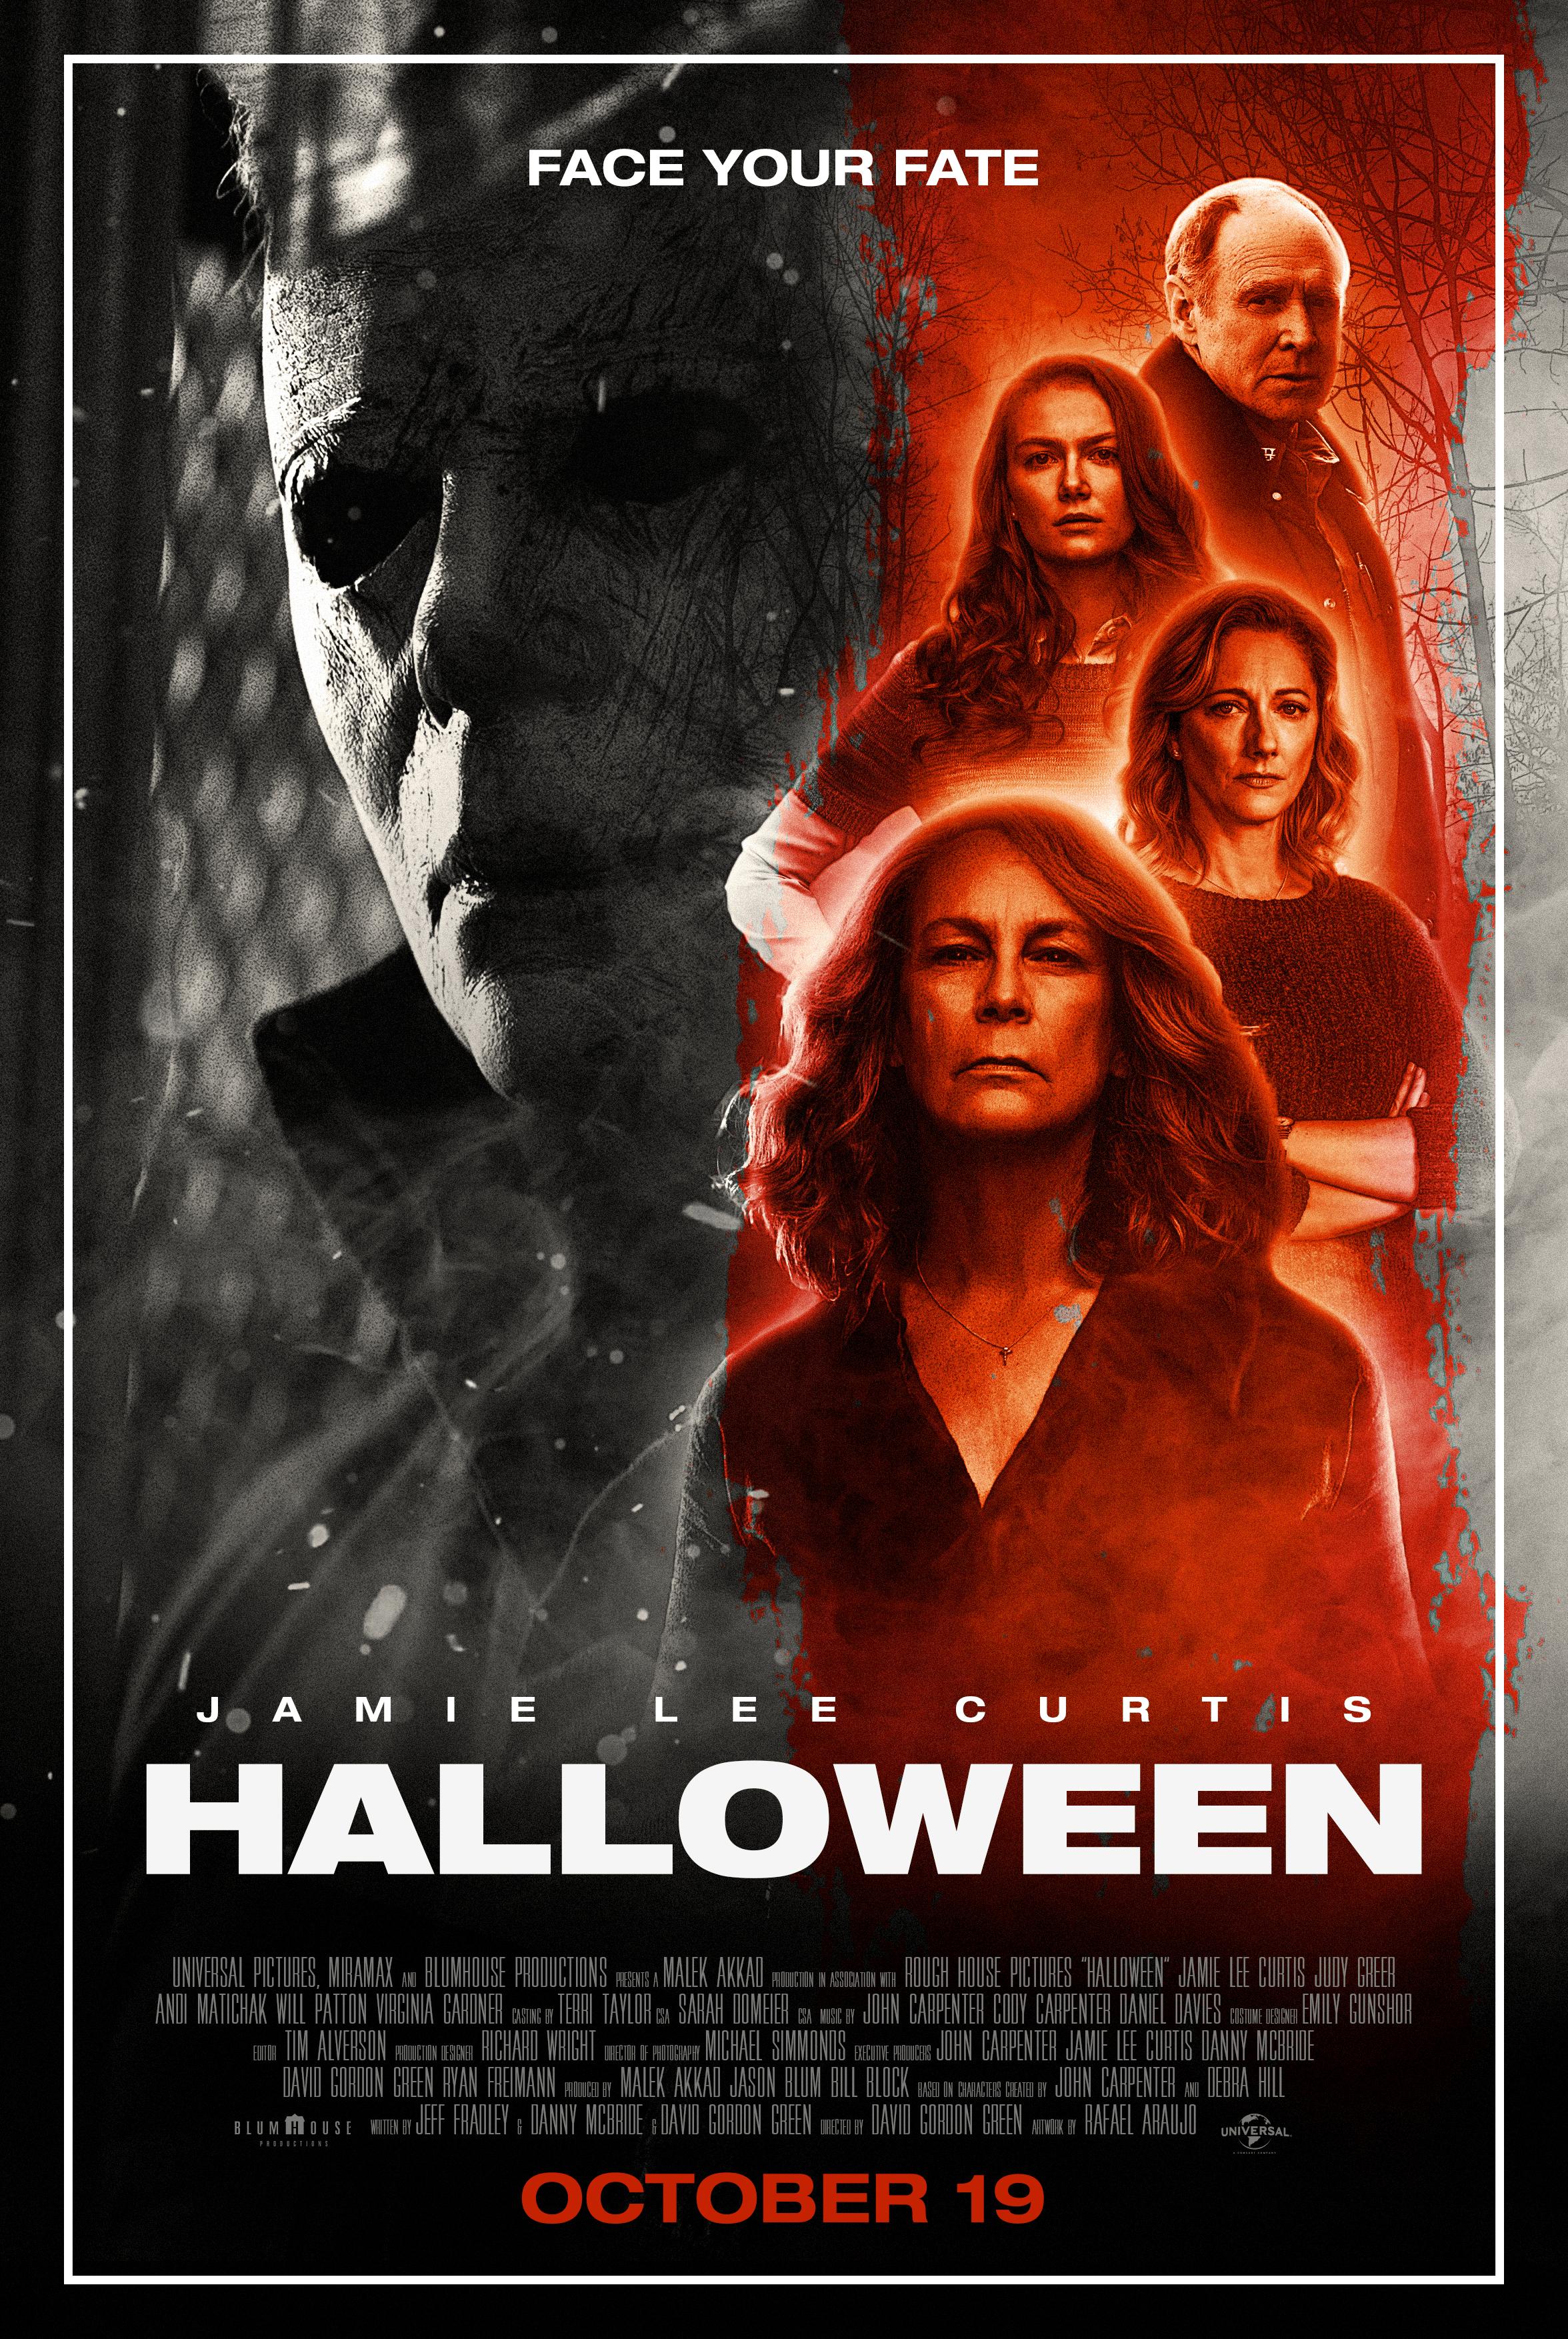 Rafael Araujo Horror Art and Posters